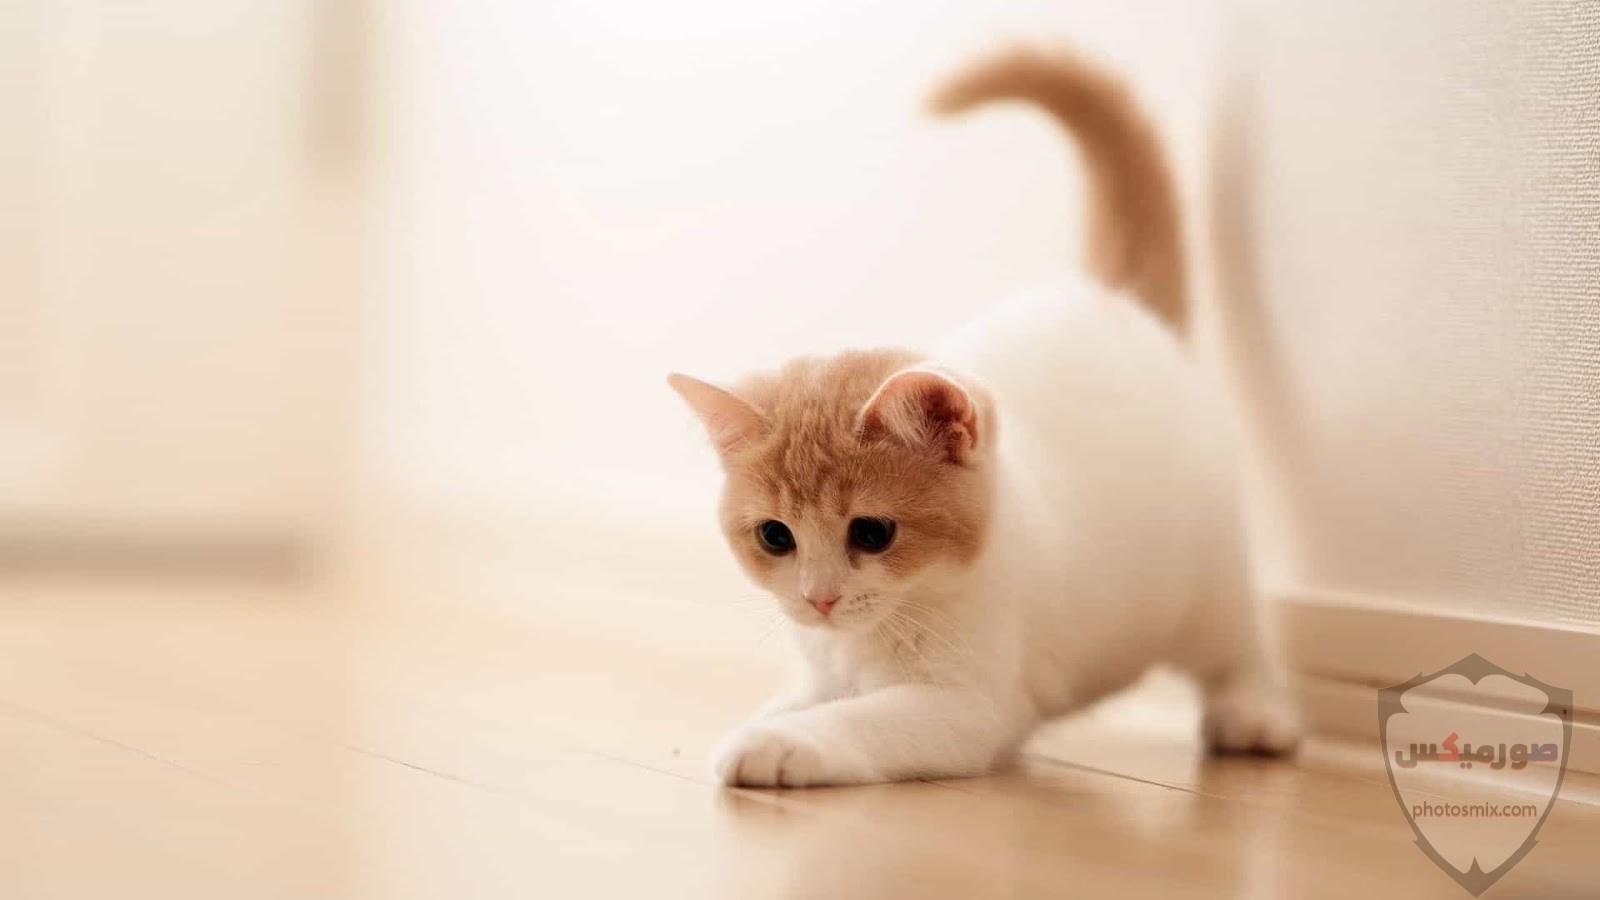 صور خلفيات رمزيات قطط كيوت صورة قطة كيوت جدا 17